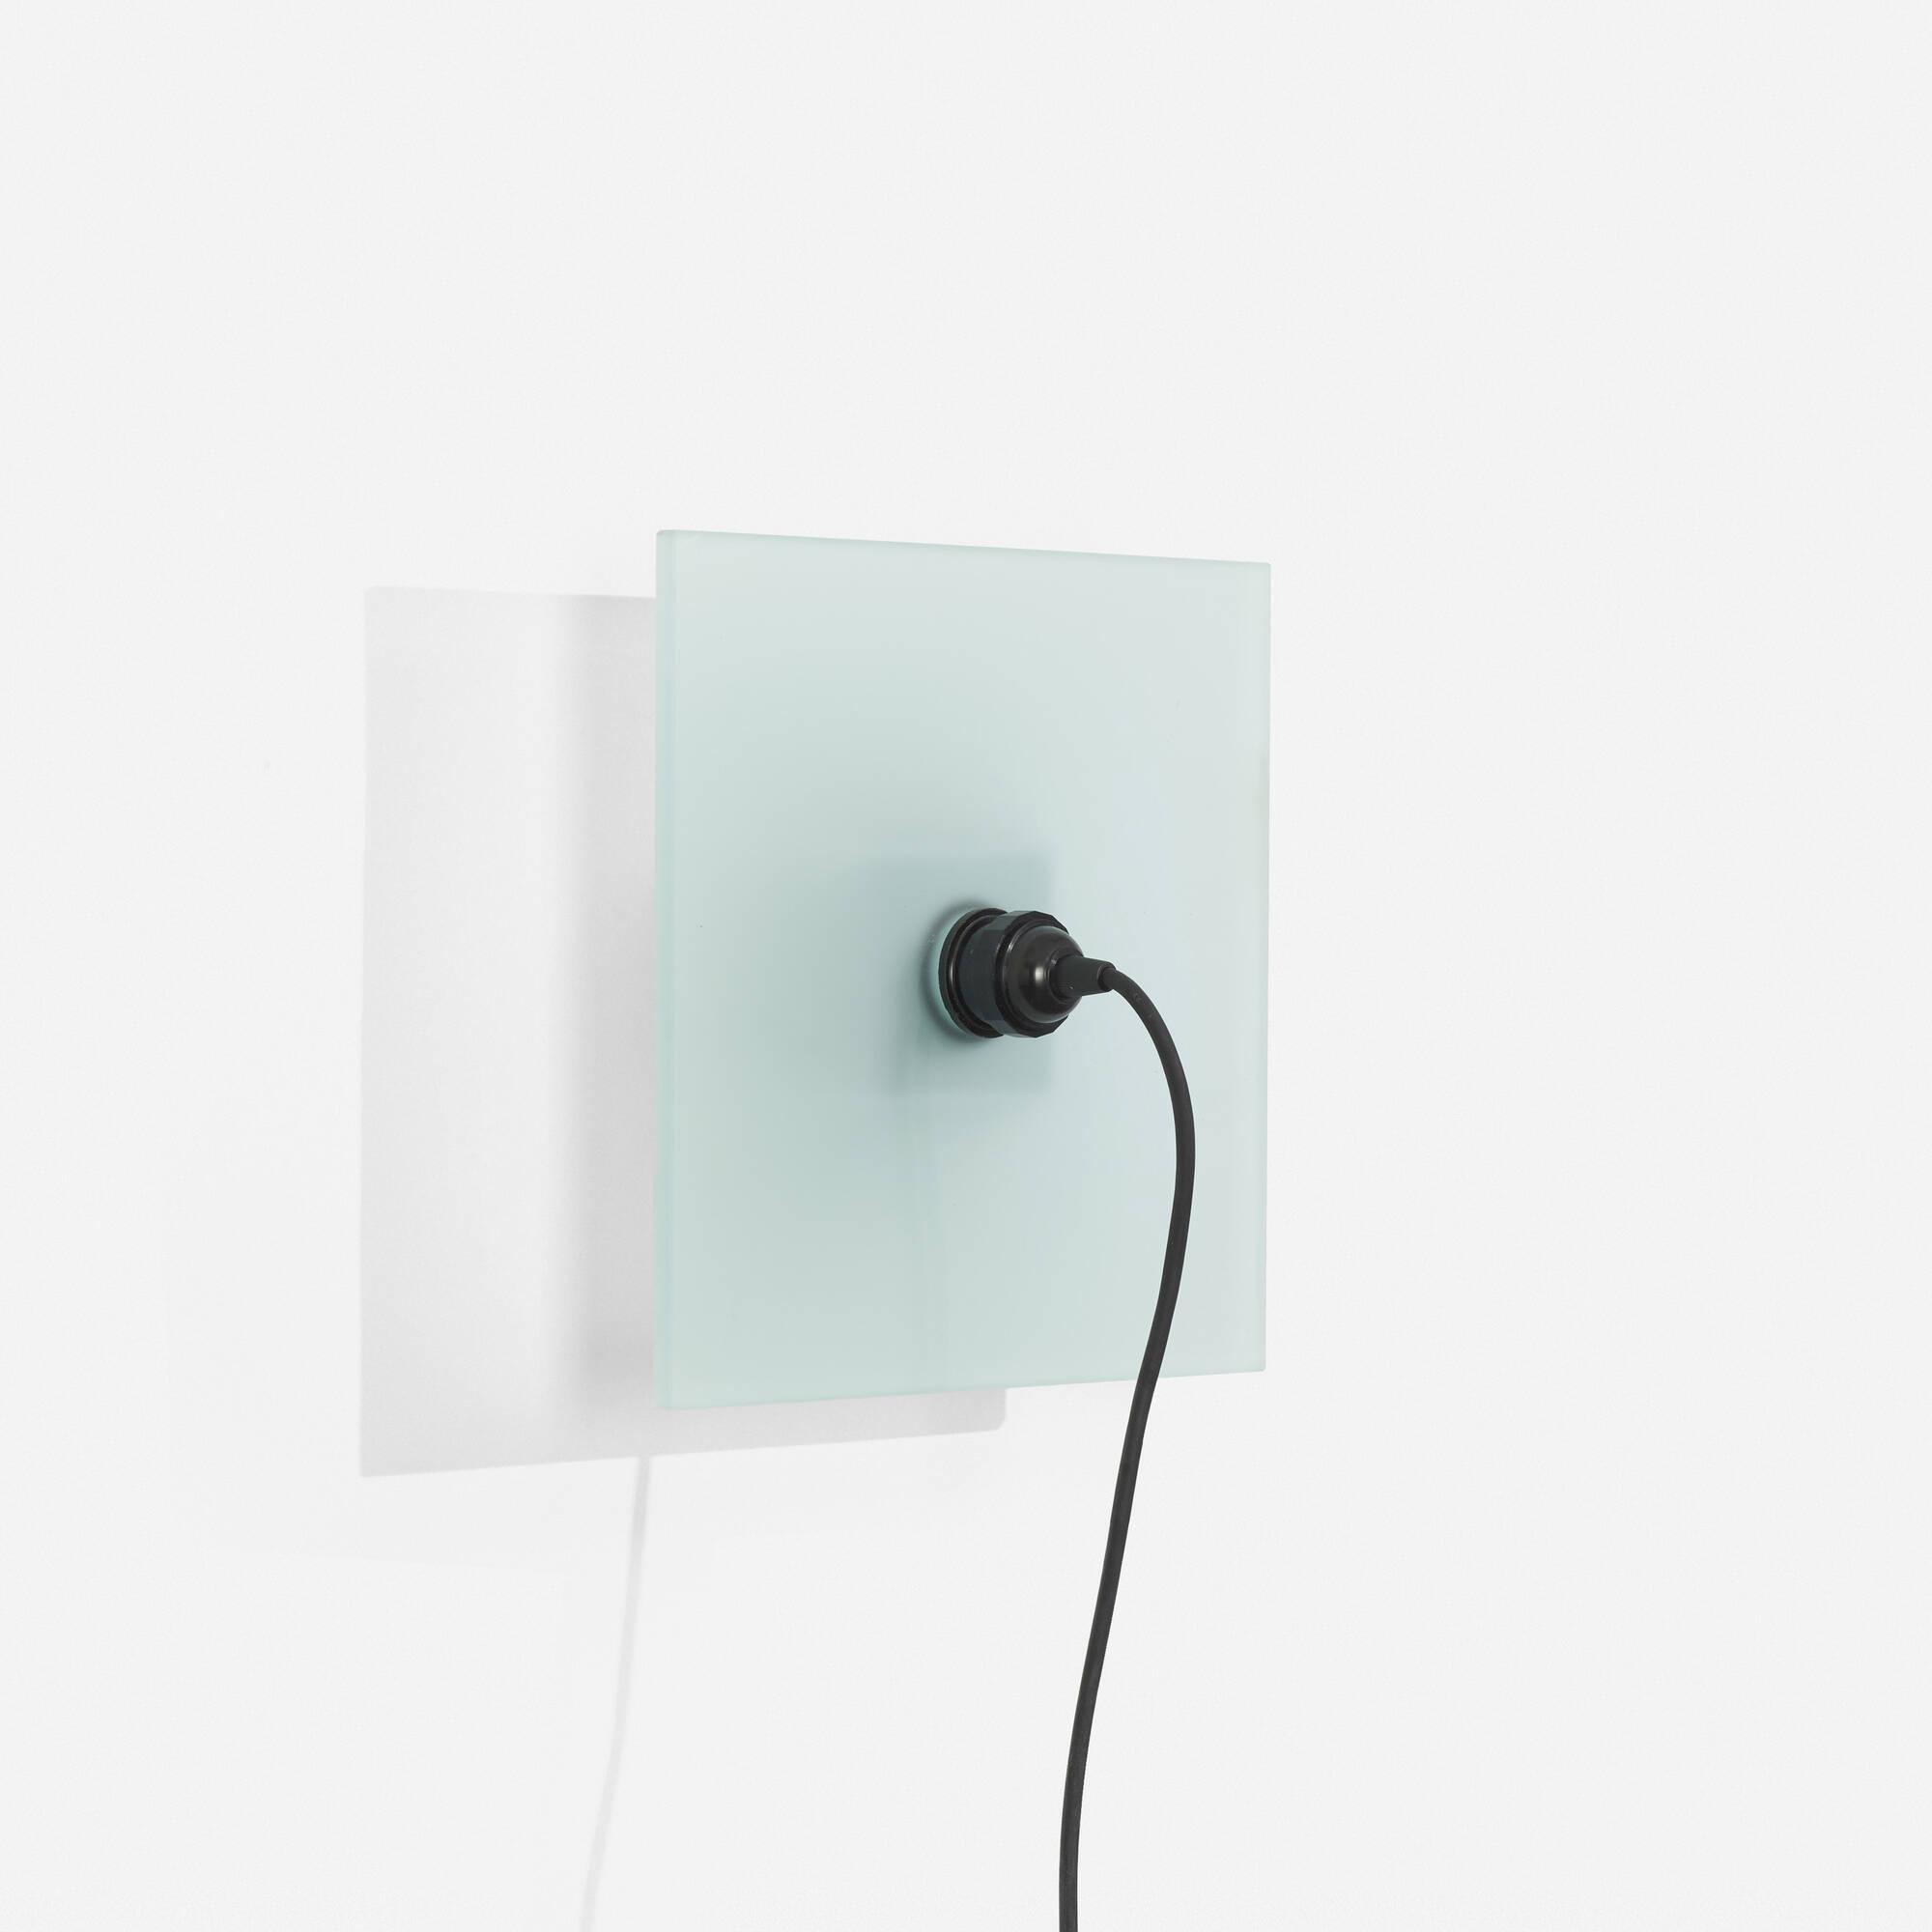 176: Jakob Gebert / Verso wall light (1 of 1)